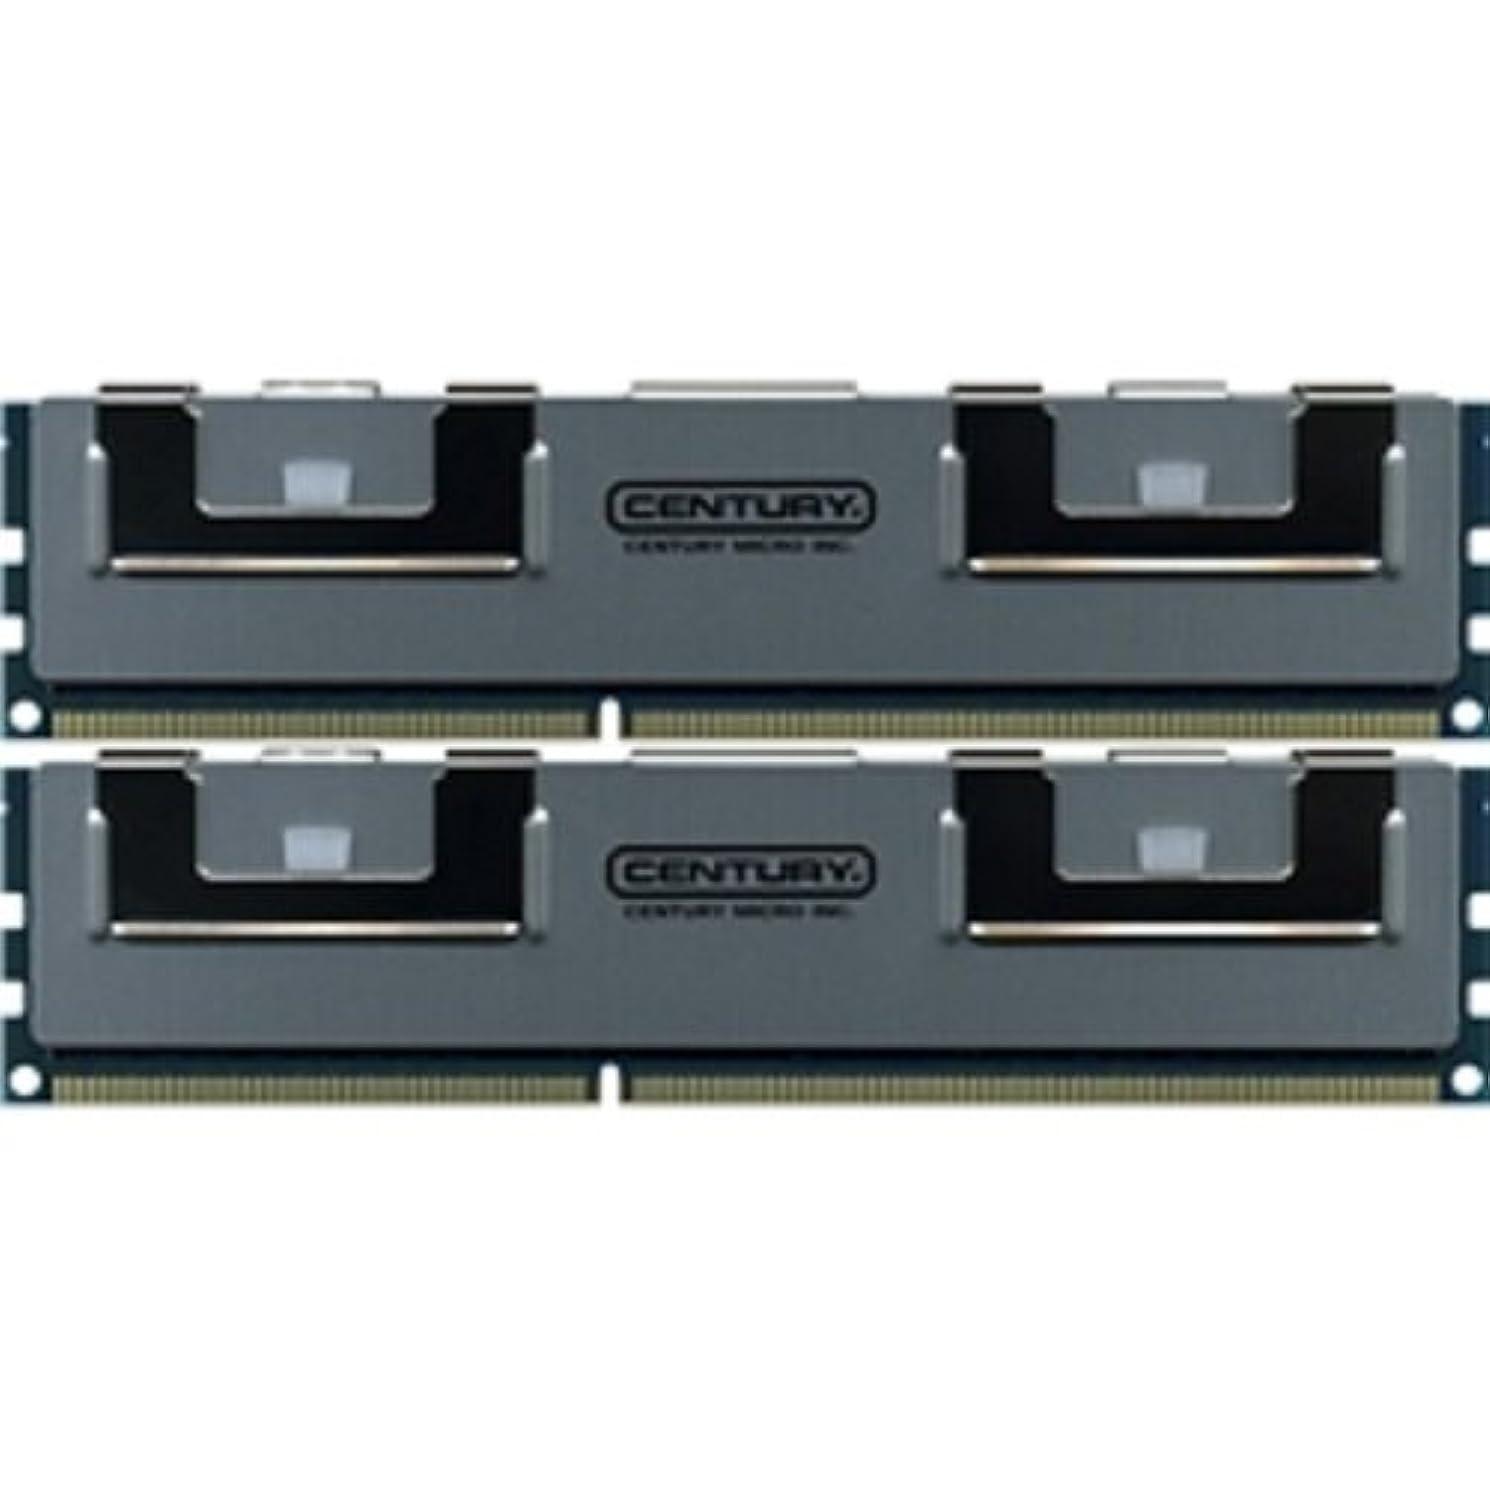 シチリア寸前ハムセンチュリーマイクロ デスクトップ用 PC3-12800/DDR3-1600 16GBキット(8GB 2枚組) DIMM 日本製 H/S付 CAK8GX2-D3U1600